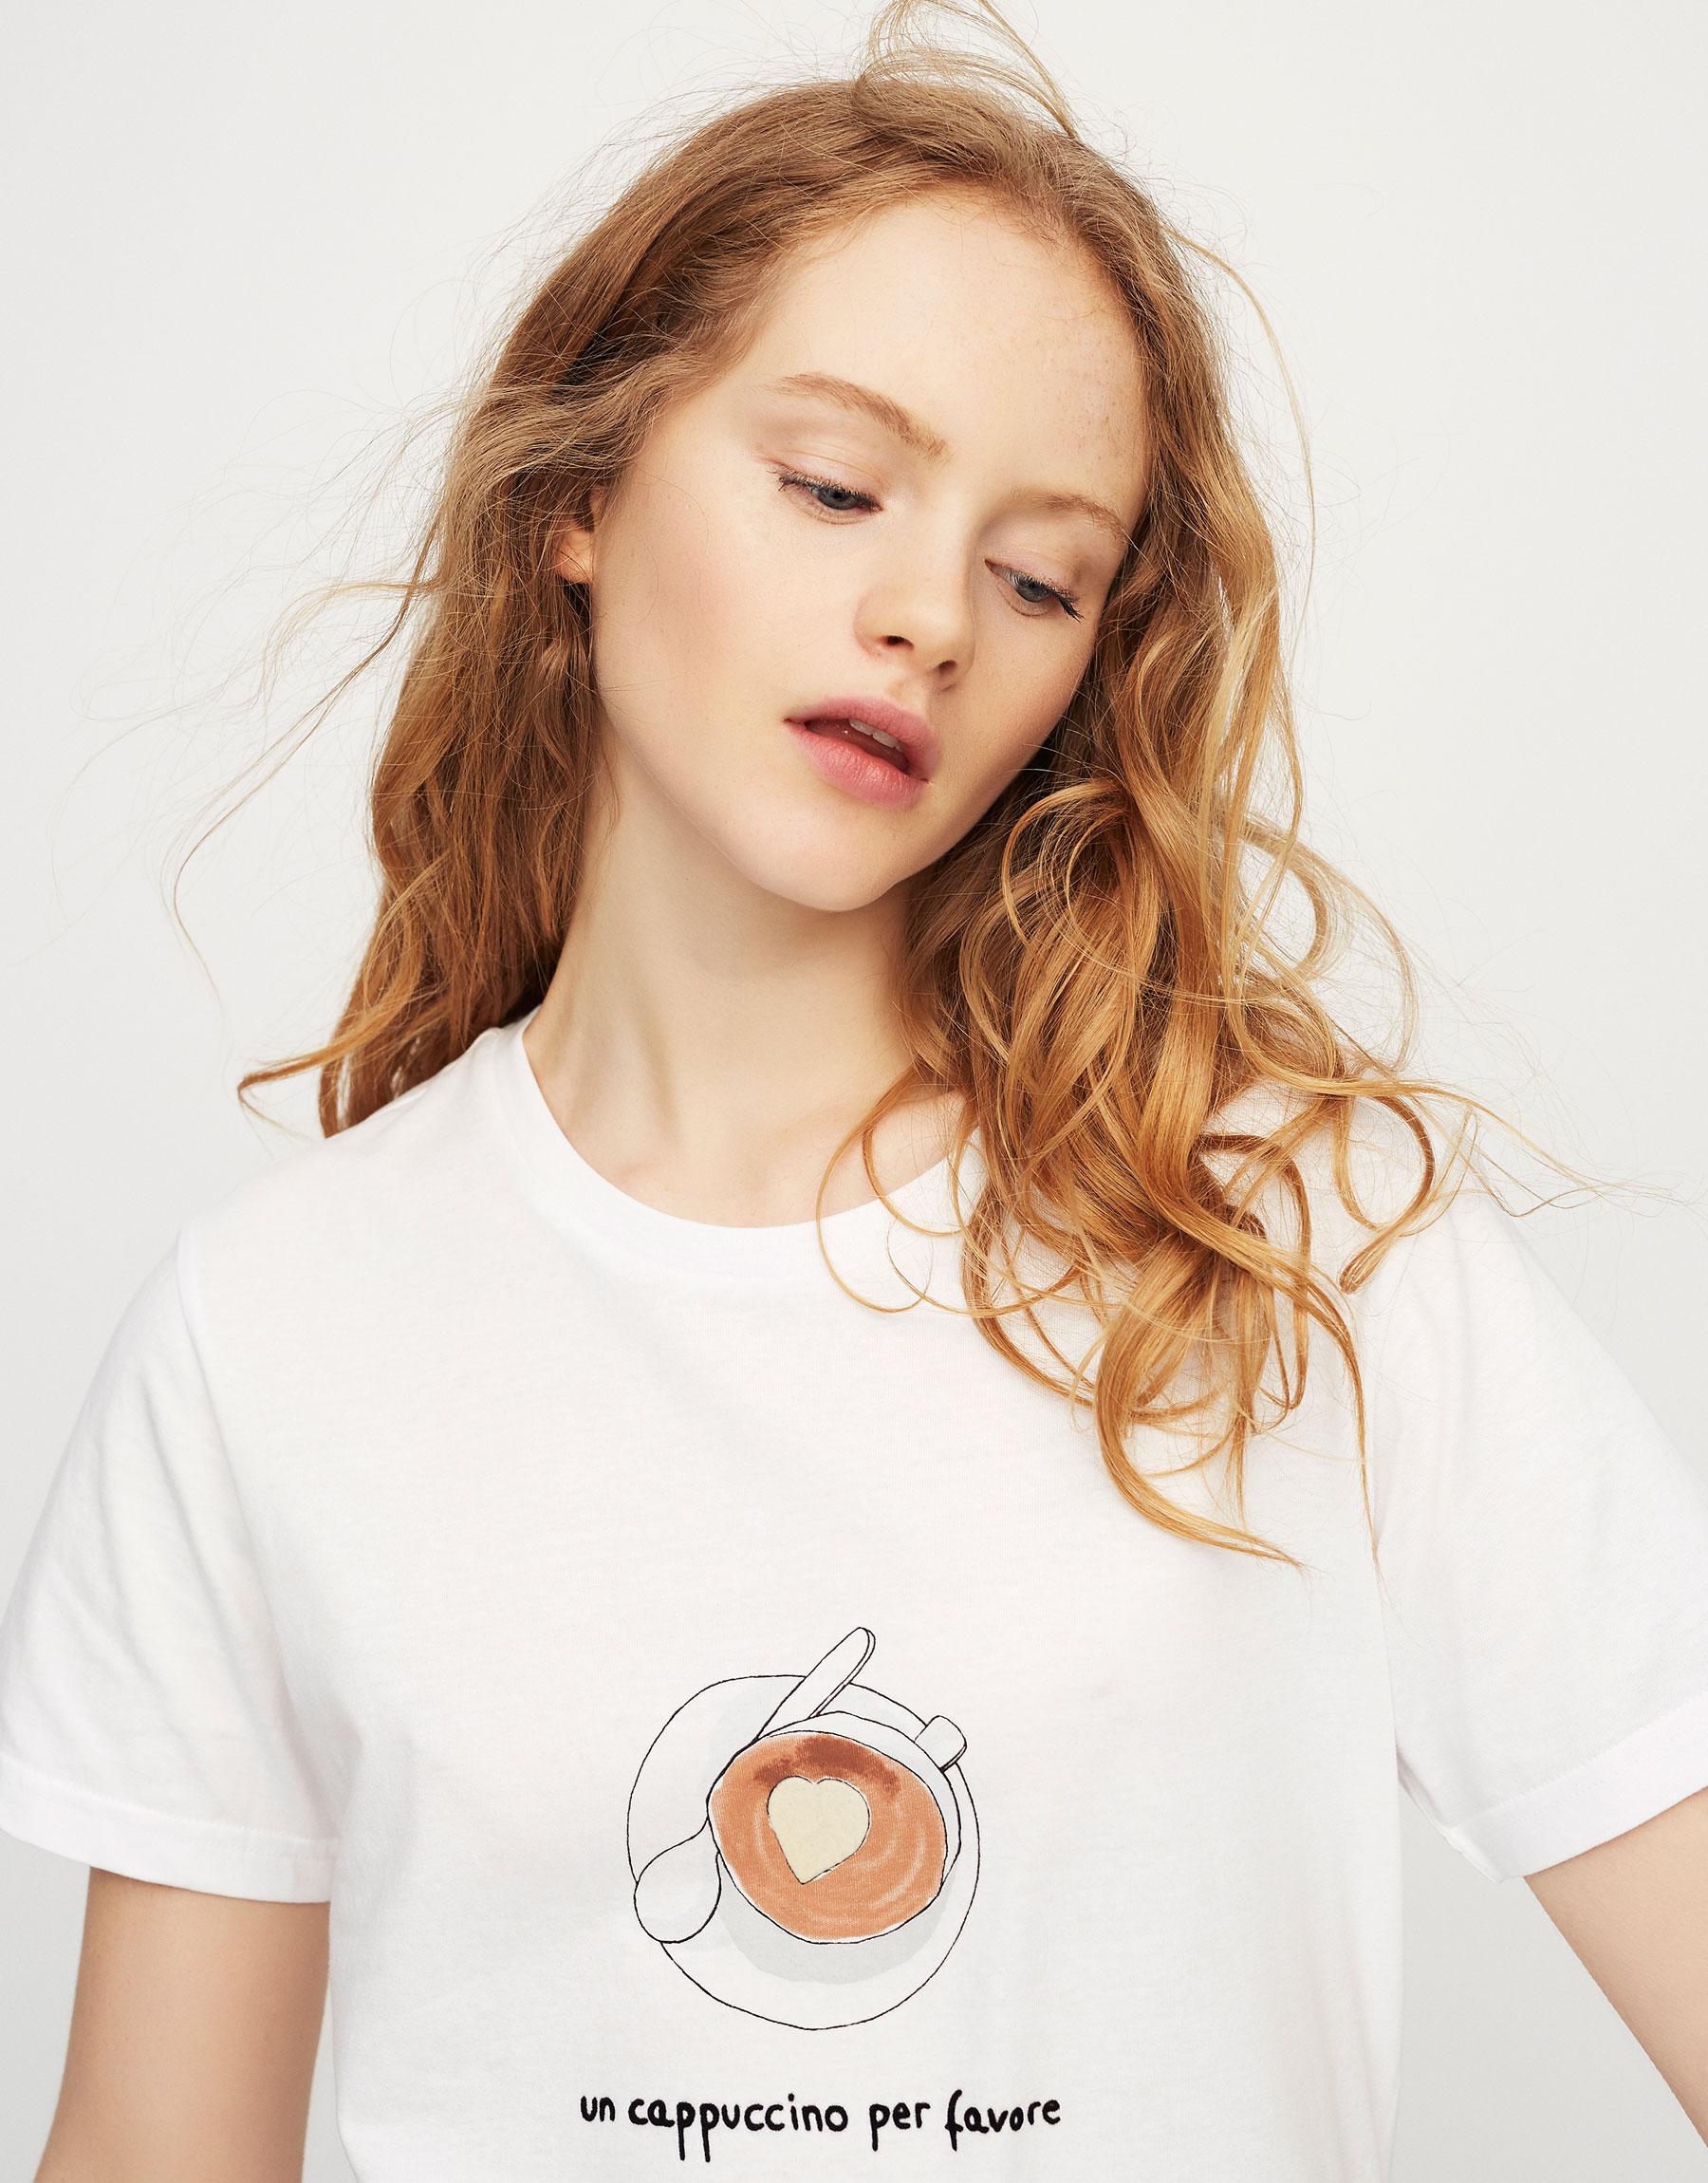 T-shirt com ilustração de capuccino